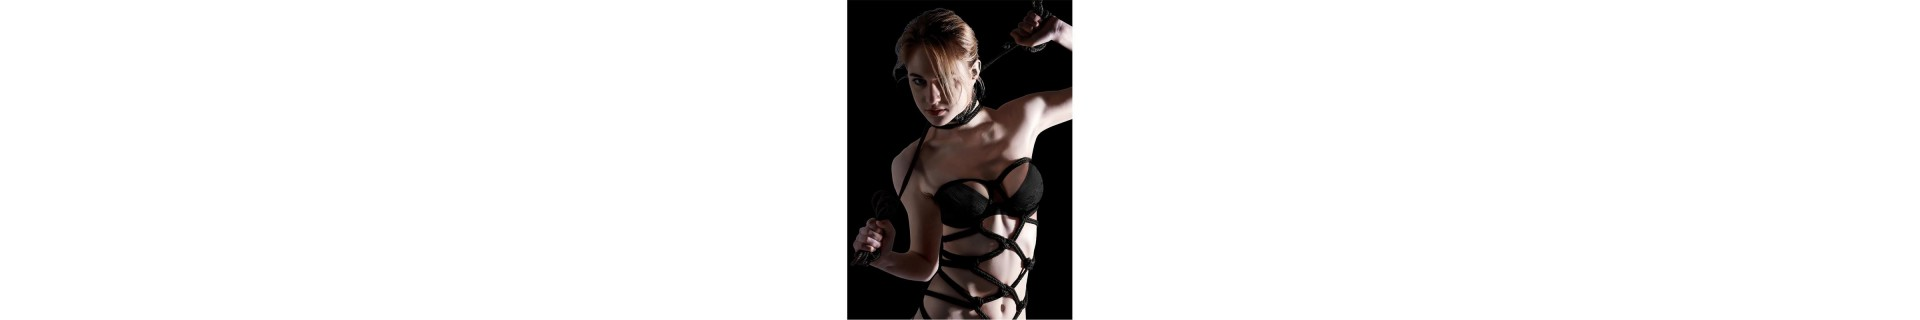 Comprar ataduras bondage online 【Envío discreto】 ❤️